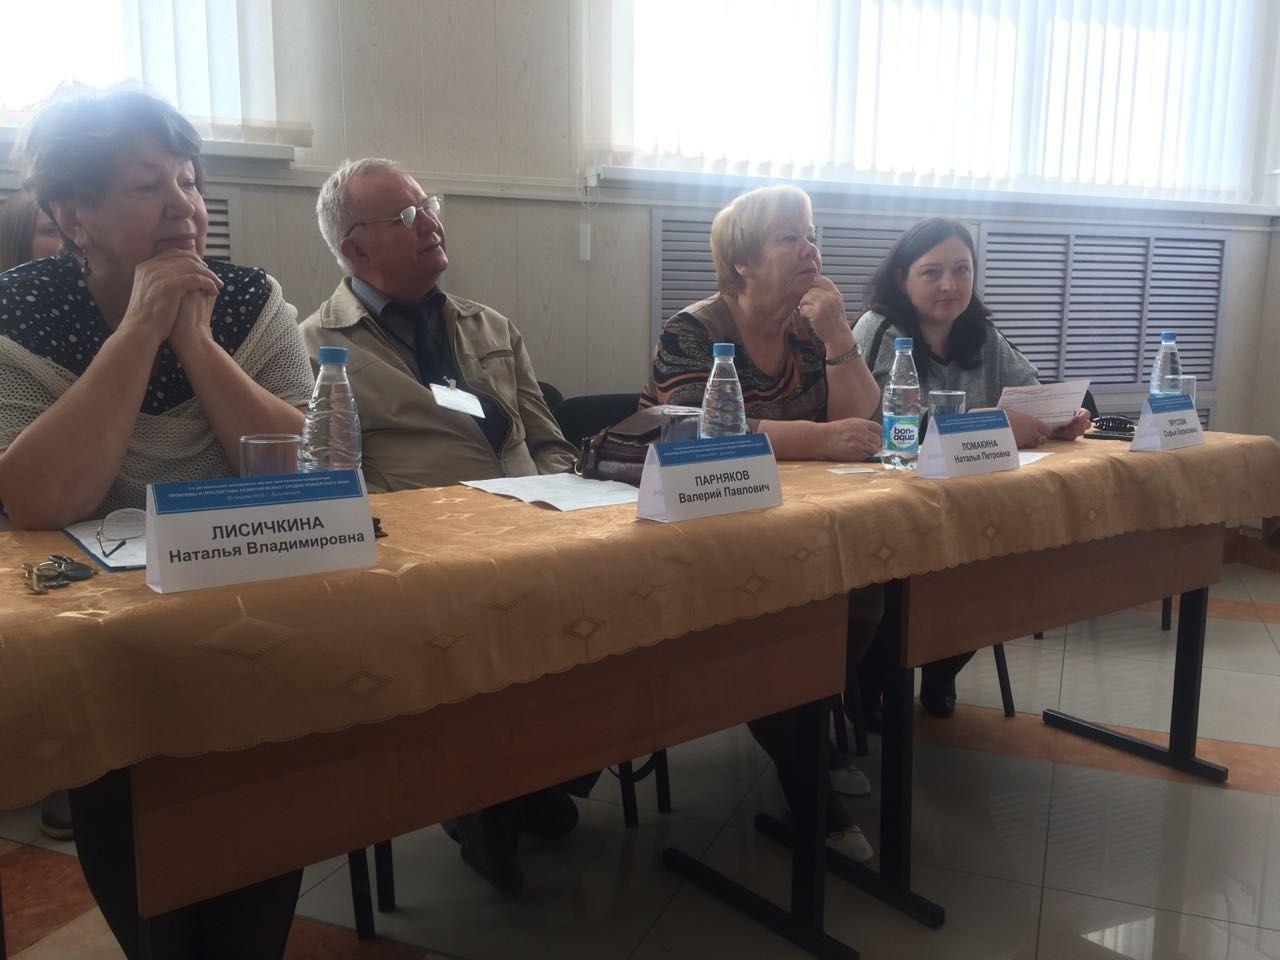 МИТГ принял участие в региональной конференции, посвященной проблемам и перспективам развития малых городов Приморского края